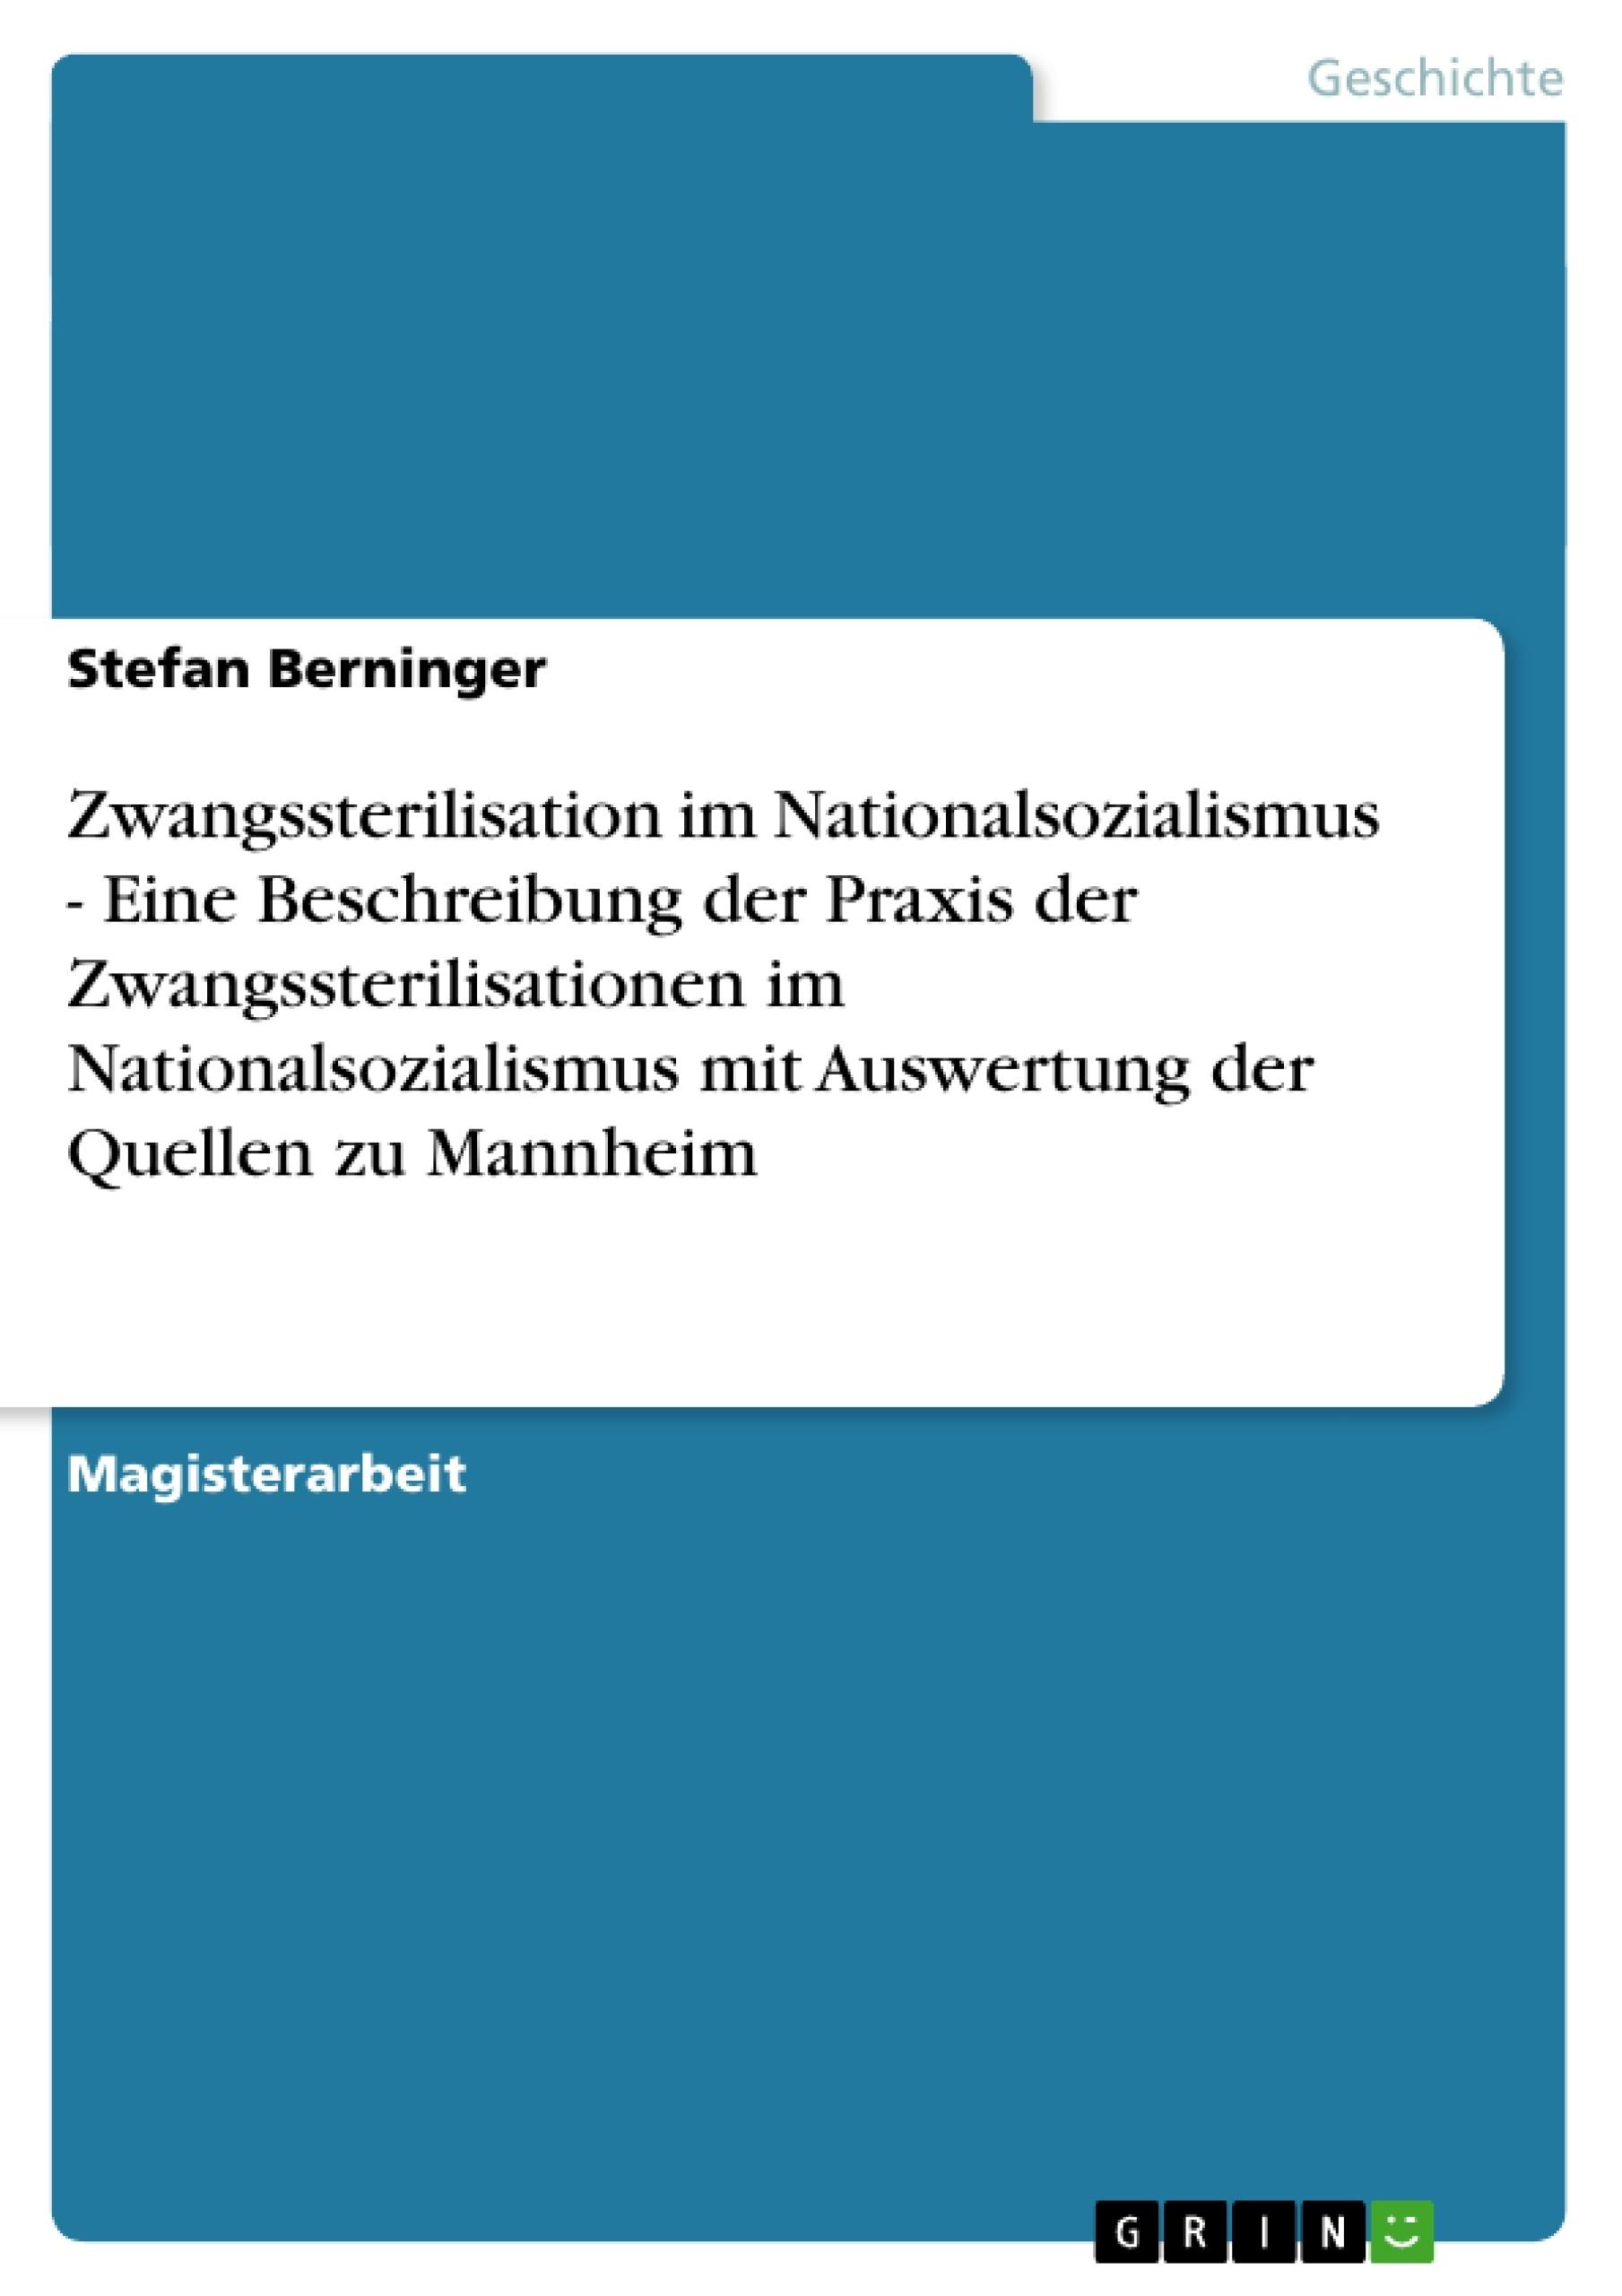 Titel: Zwangssterilisation im Nationalsozialismus   -   Eine Beschreibung der Praxis der Zwangssterilisationen im Nationalsozialismus mit Auswertung der Quellen zu Mannheim